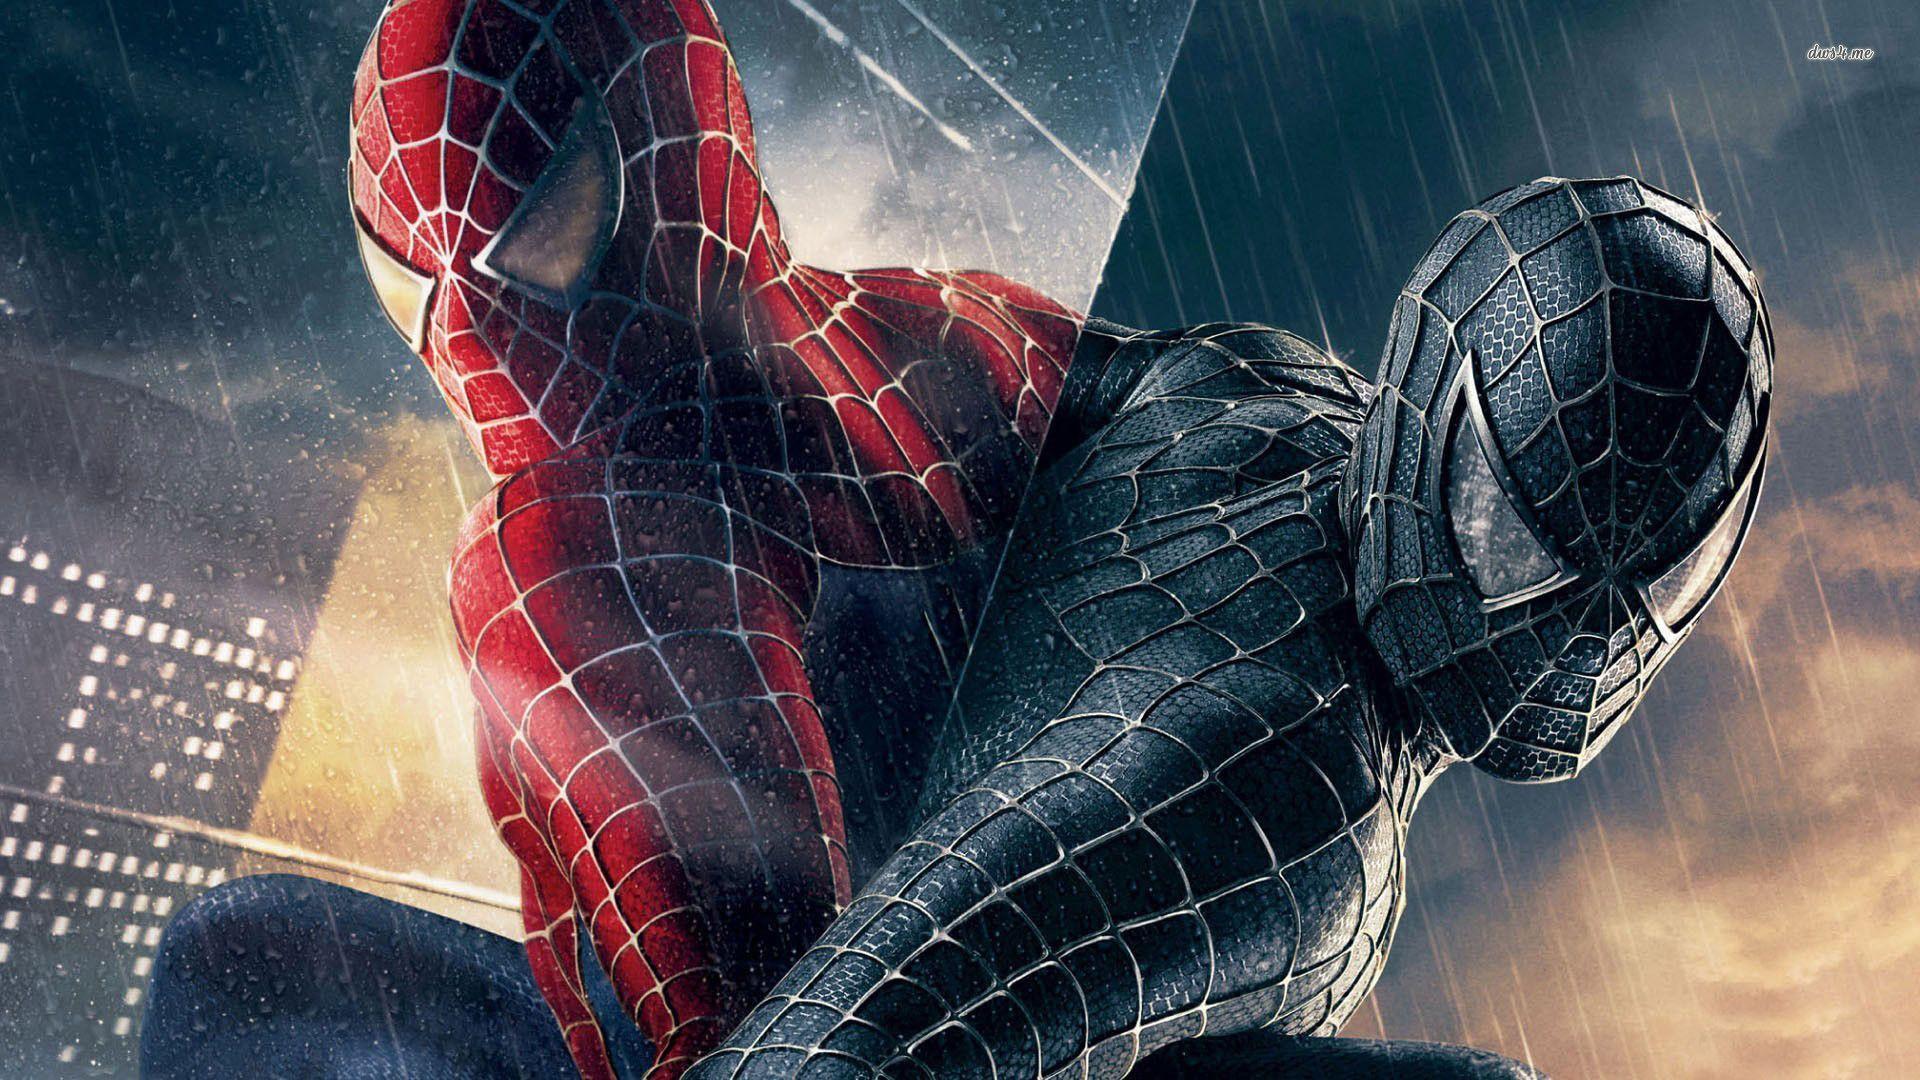 spider man 3 wallpaper hd - photo #11